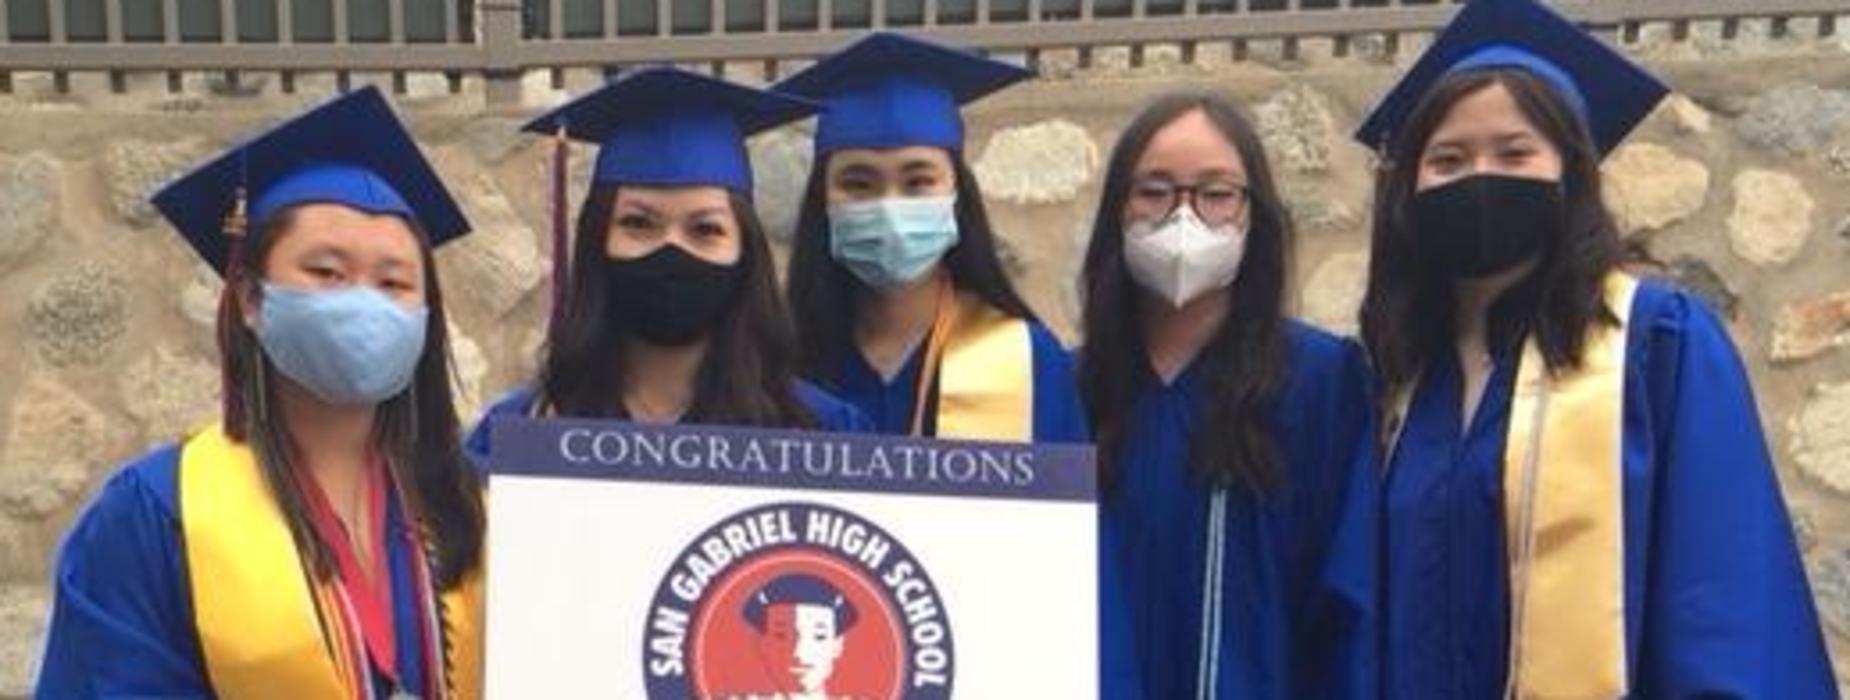 SGHS 2021 Graduates